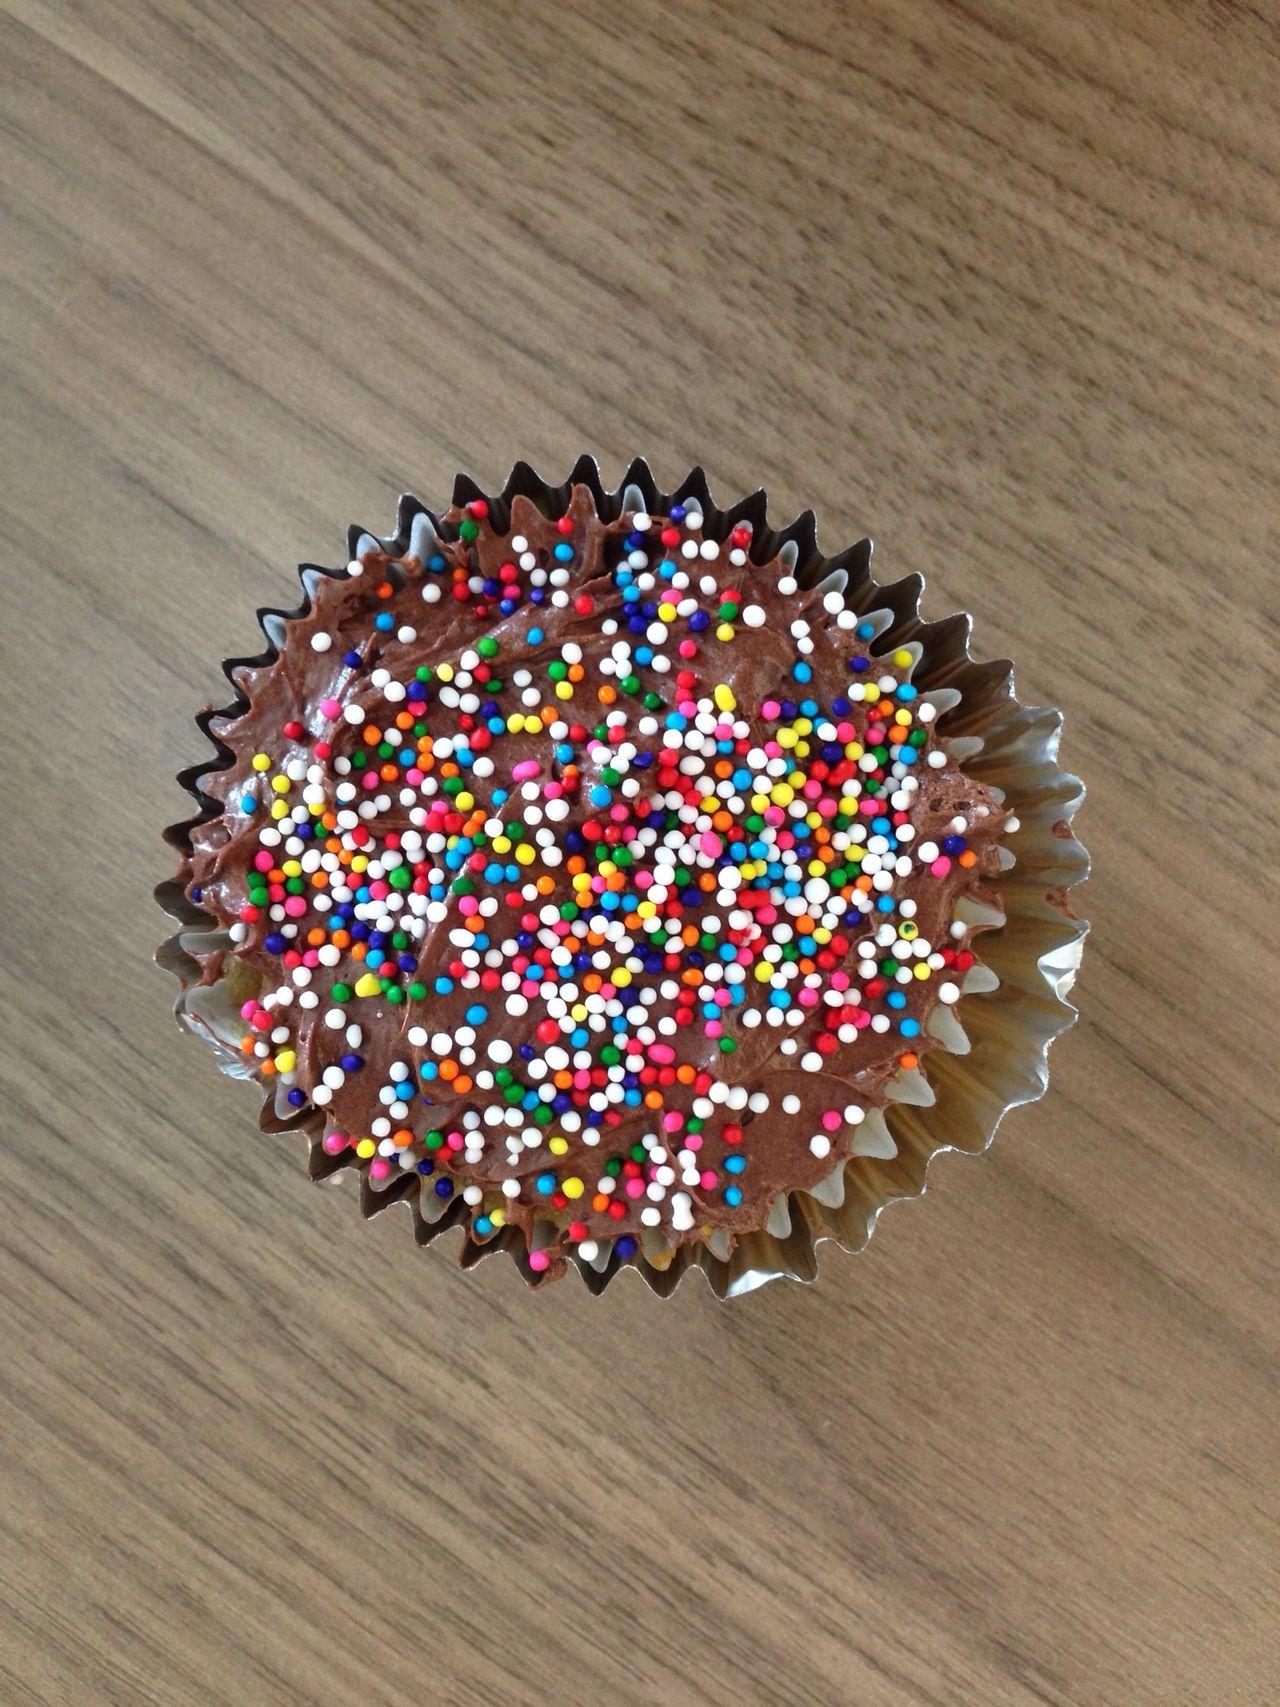 Beautiful stock photos of cupcake, Close-Up, Cupcake, Day, Domestic Life